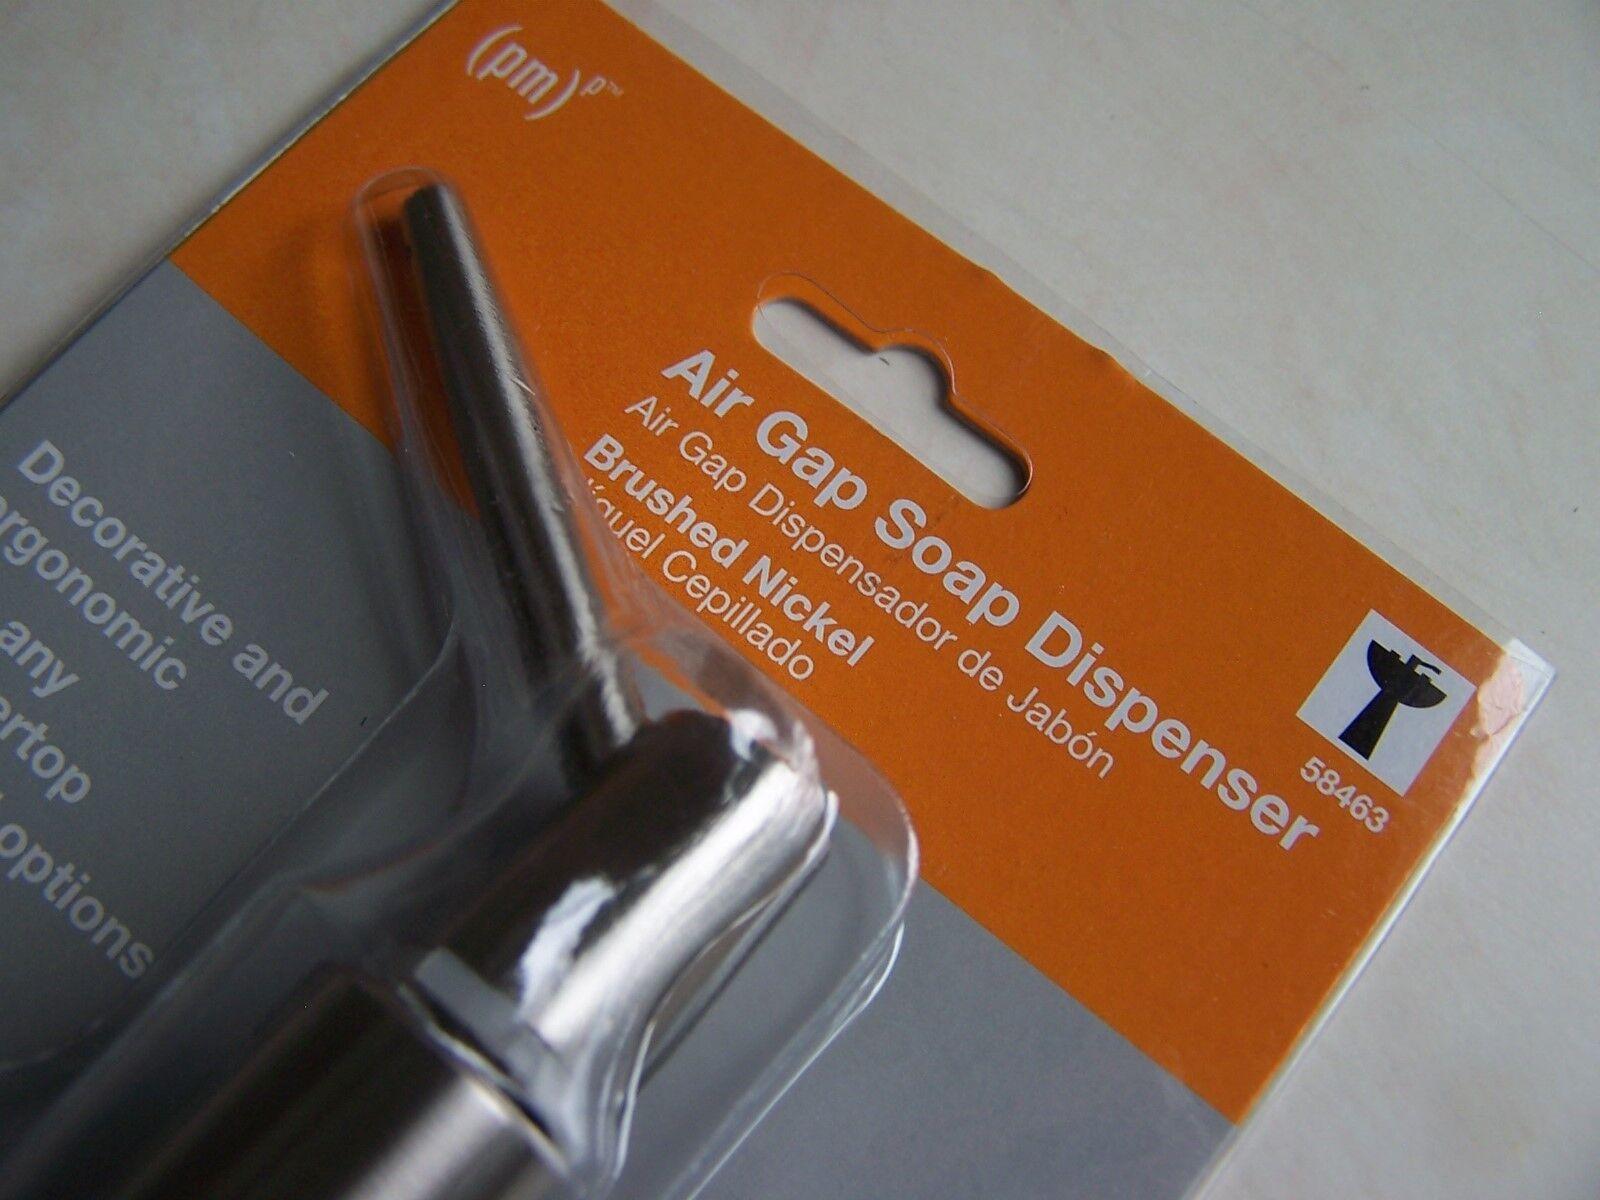 Brushed Nickel 58463 Air Gap Soap Dispenser